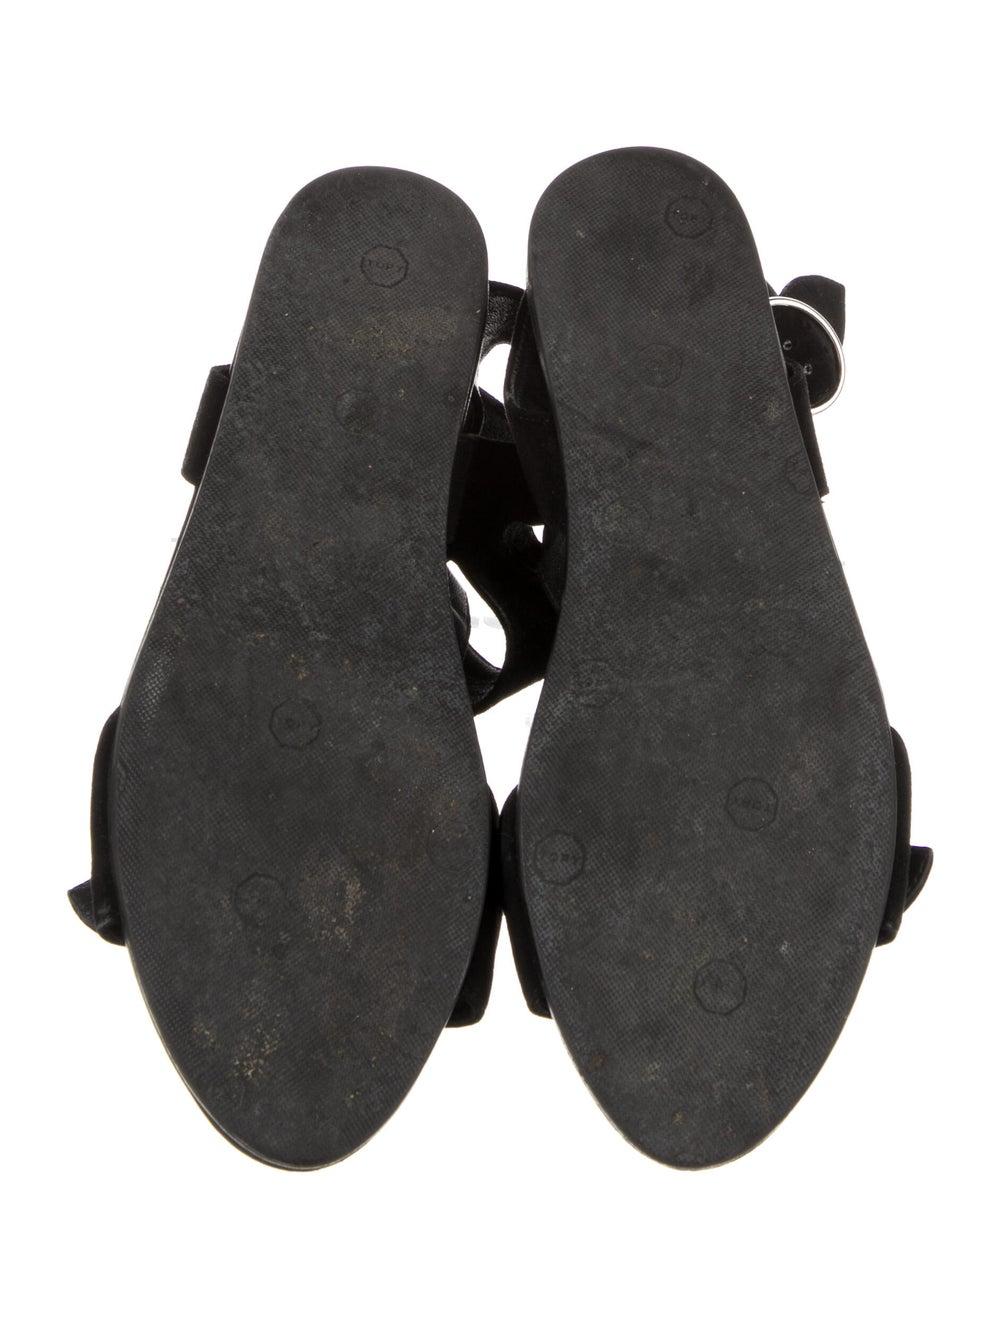 Prada Suede Gladiator Sandals Black - image 5